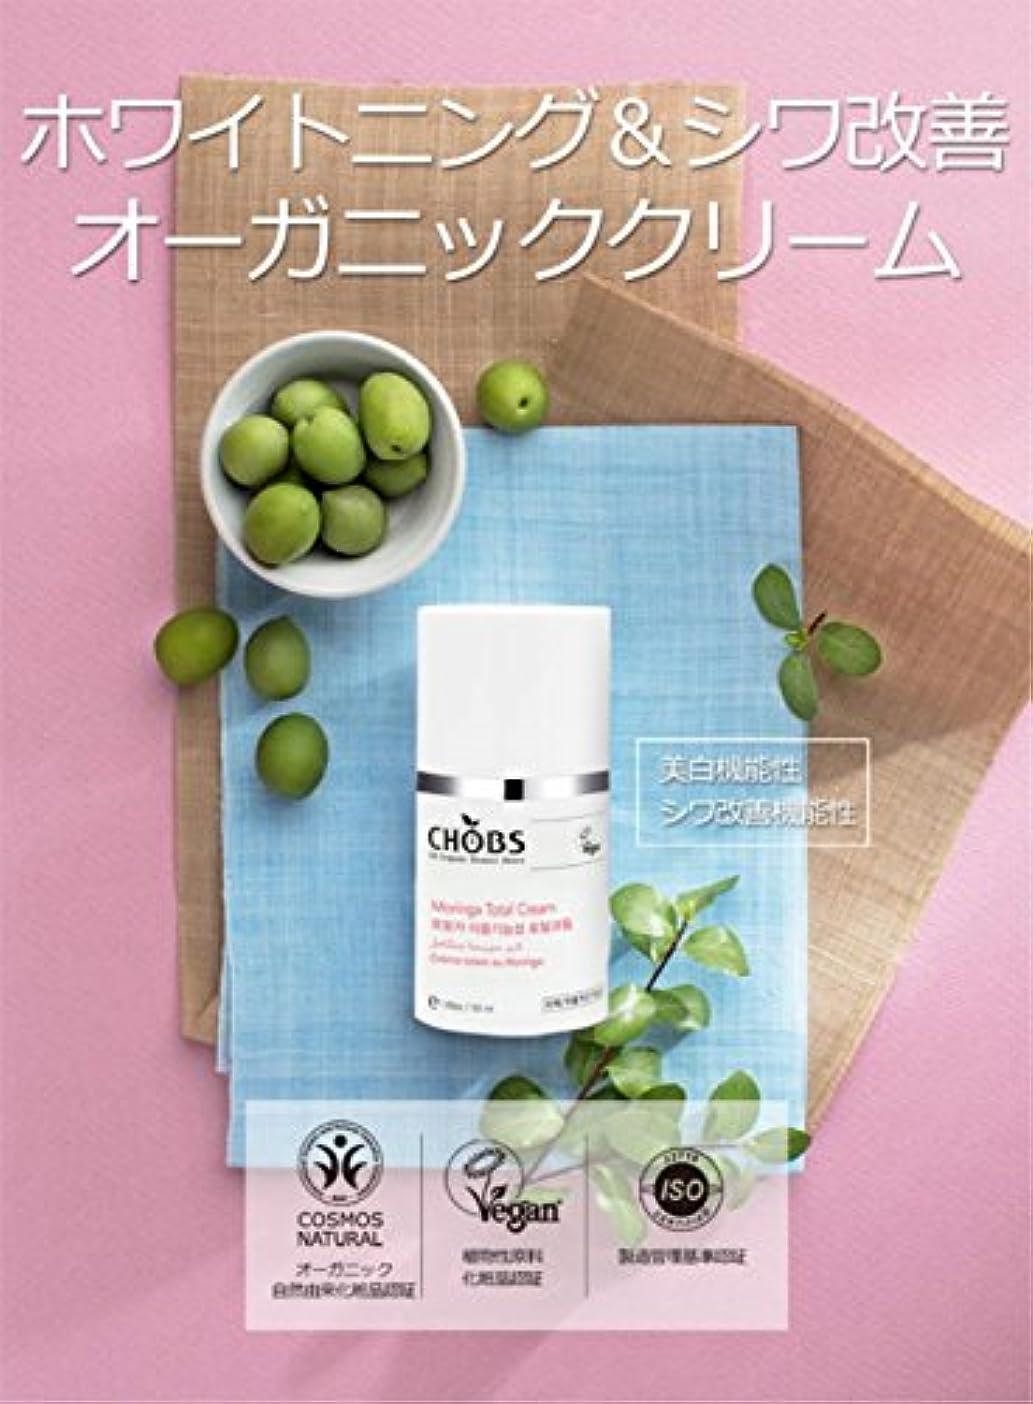 哲学読むランチオーガニックモリンガトータルクリーム 天然化粧品 韓国コスメ 保湿